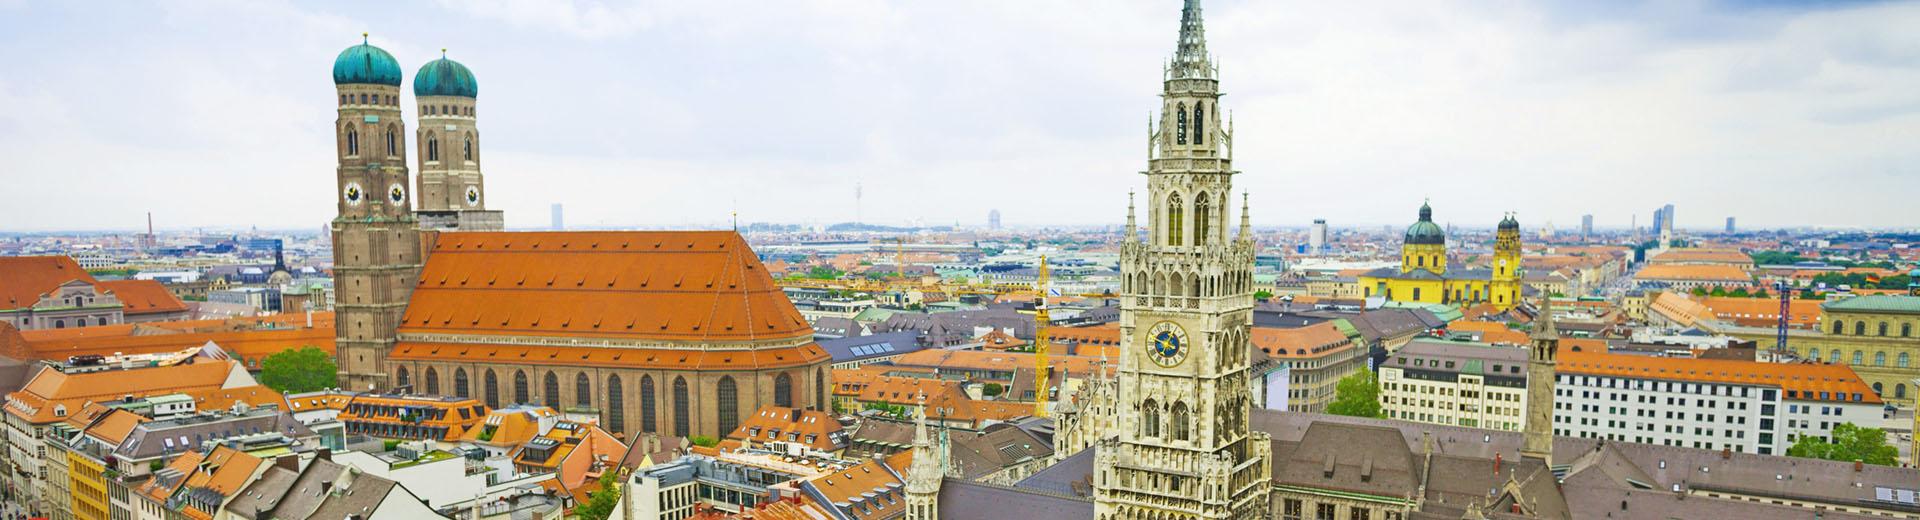 Voyages en groupe Munich - offre économique train